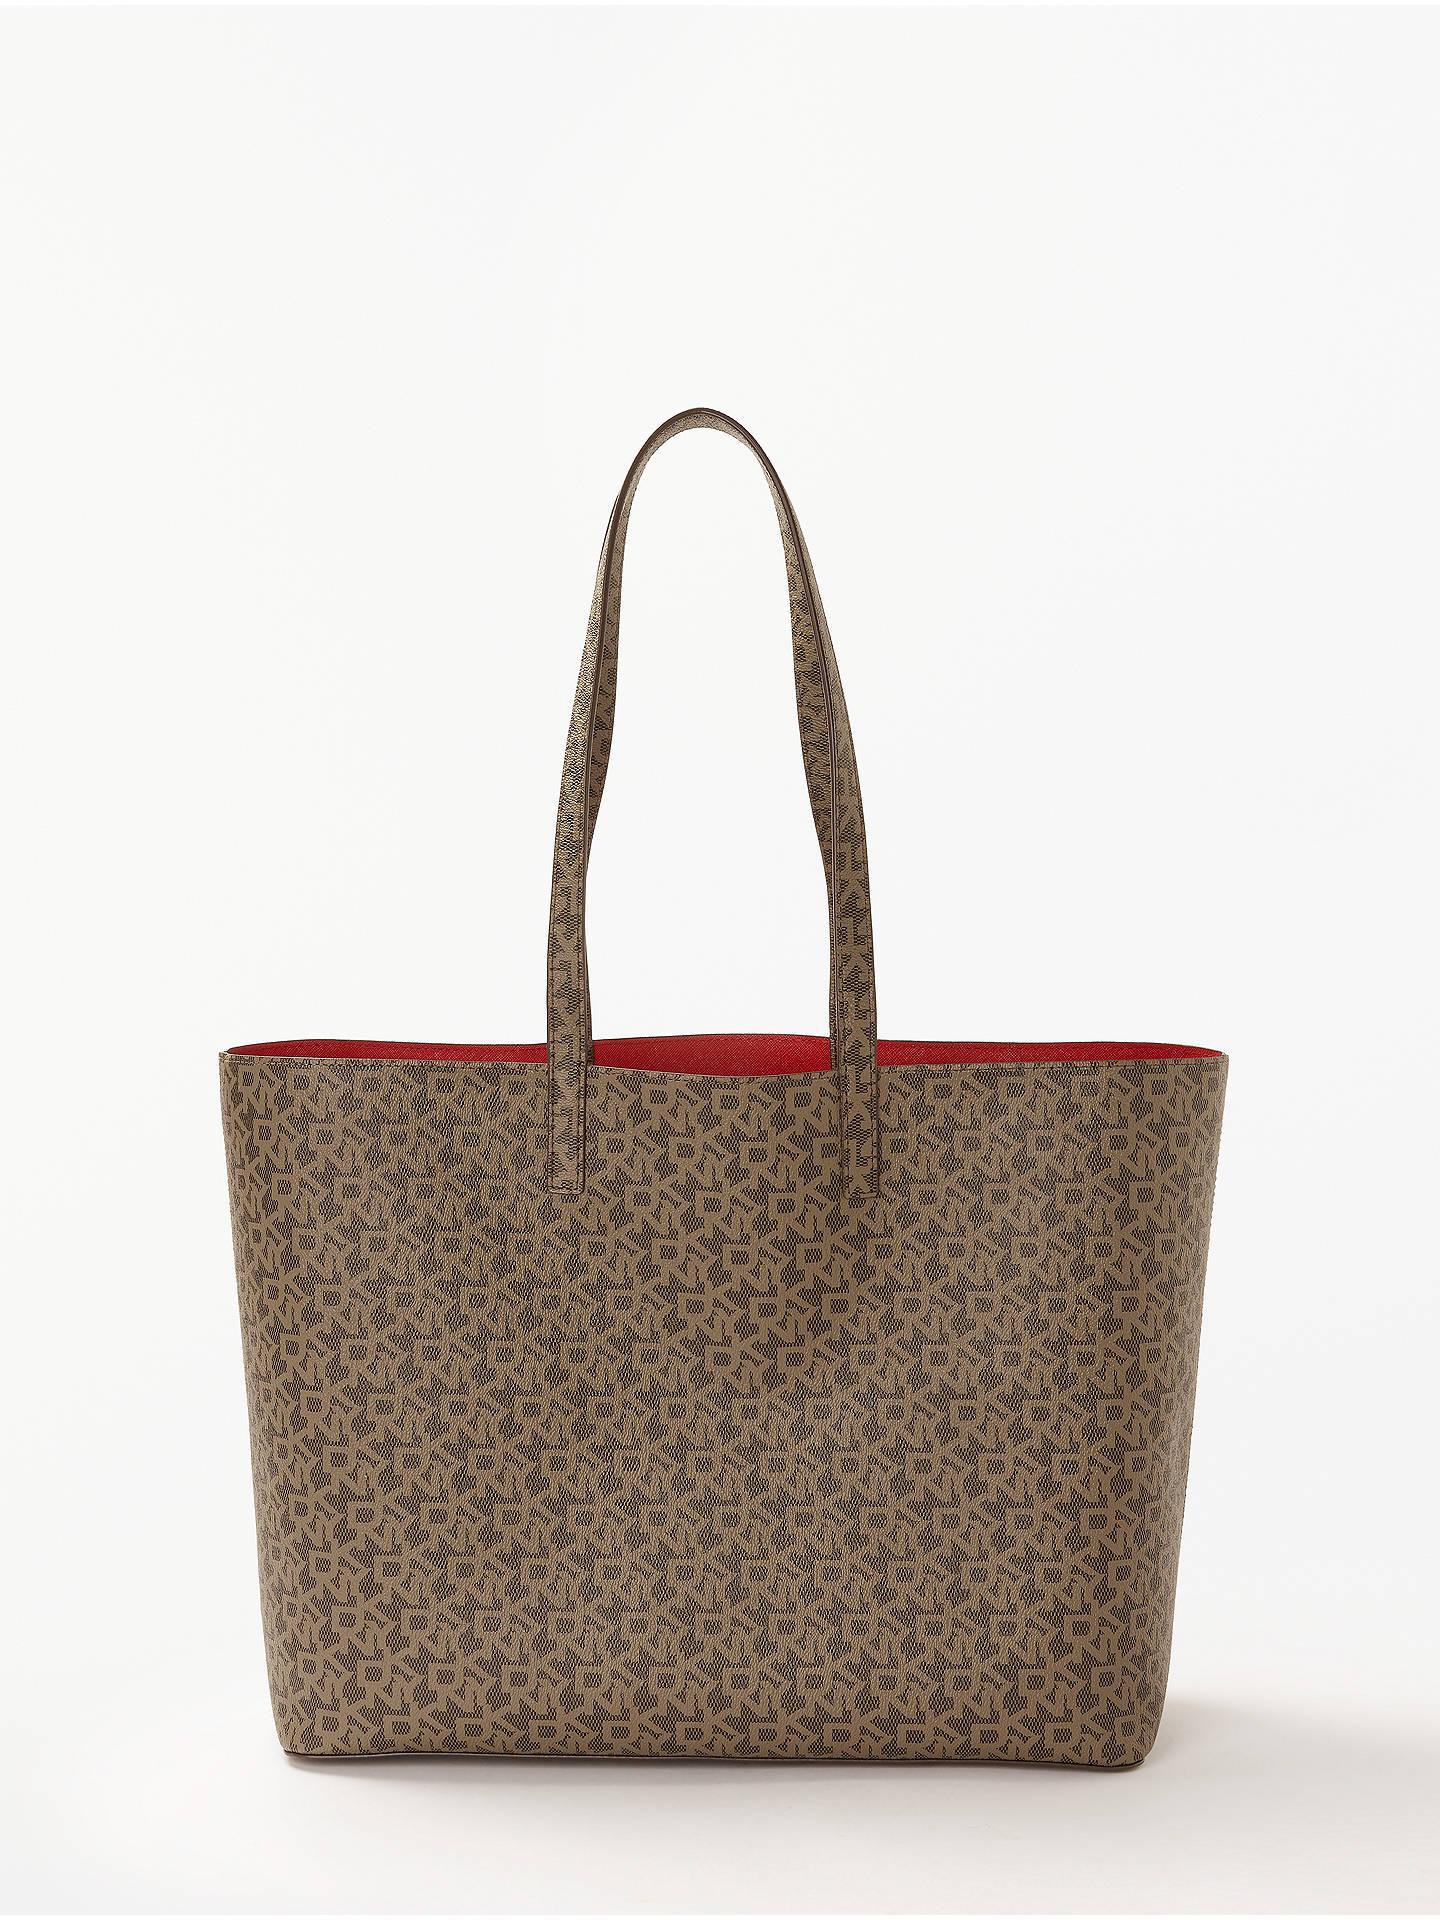 9a357fb7eaec3 Buy DKNY Brayden Logo Large Reversible Tote Bag, Mocha Online at  johnlewis.com ...